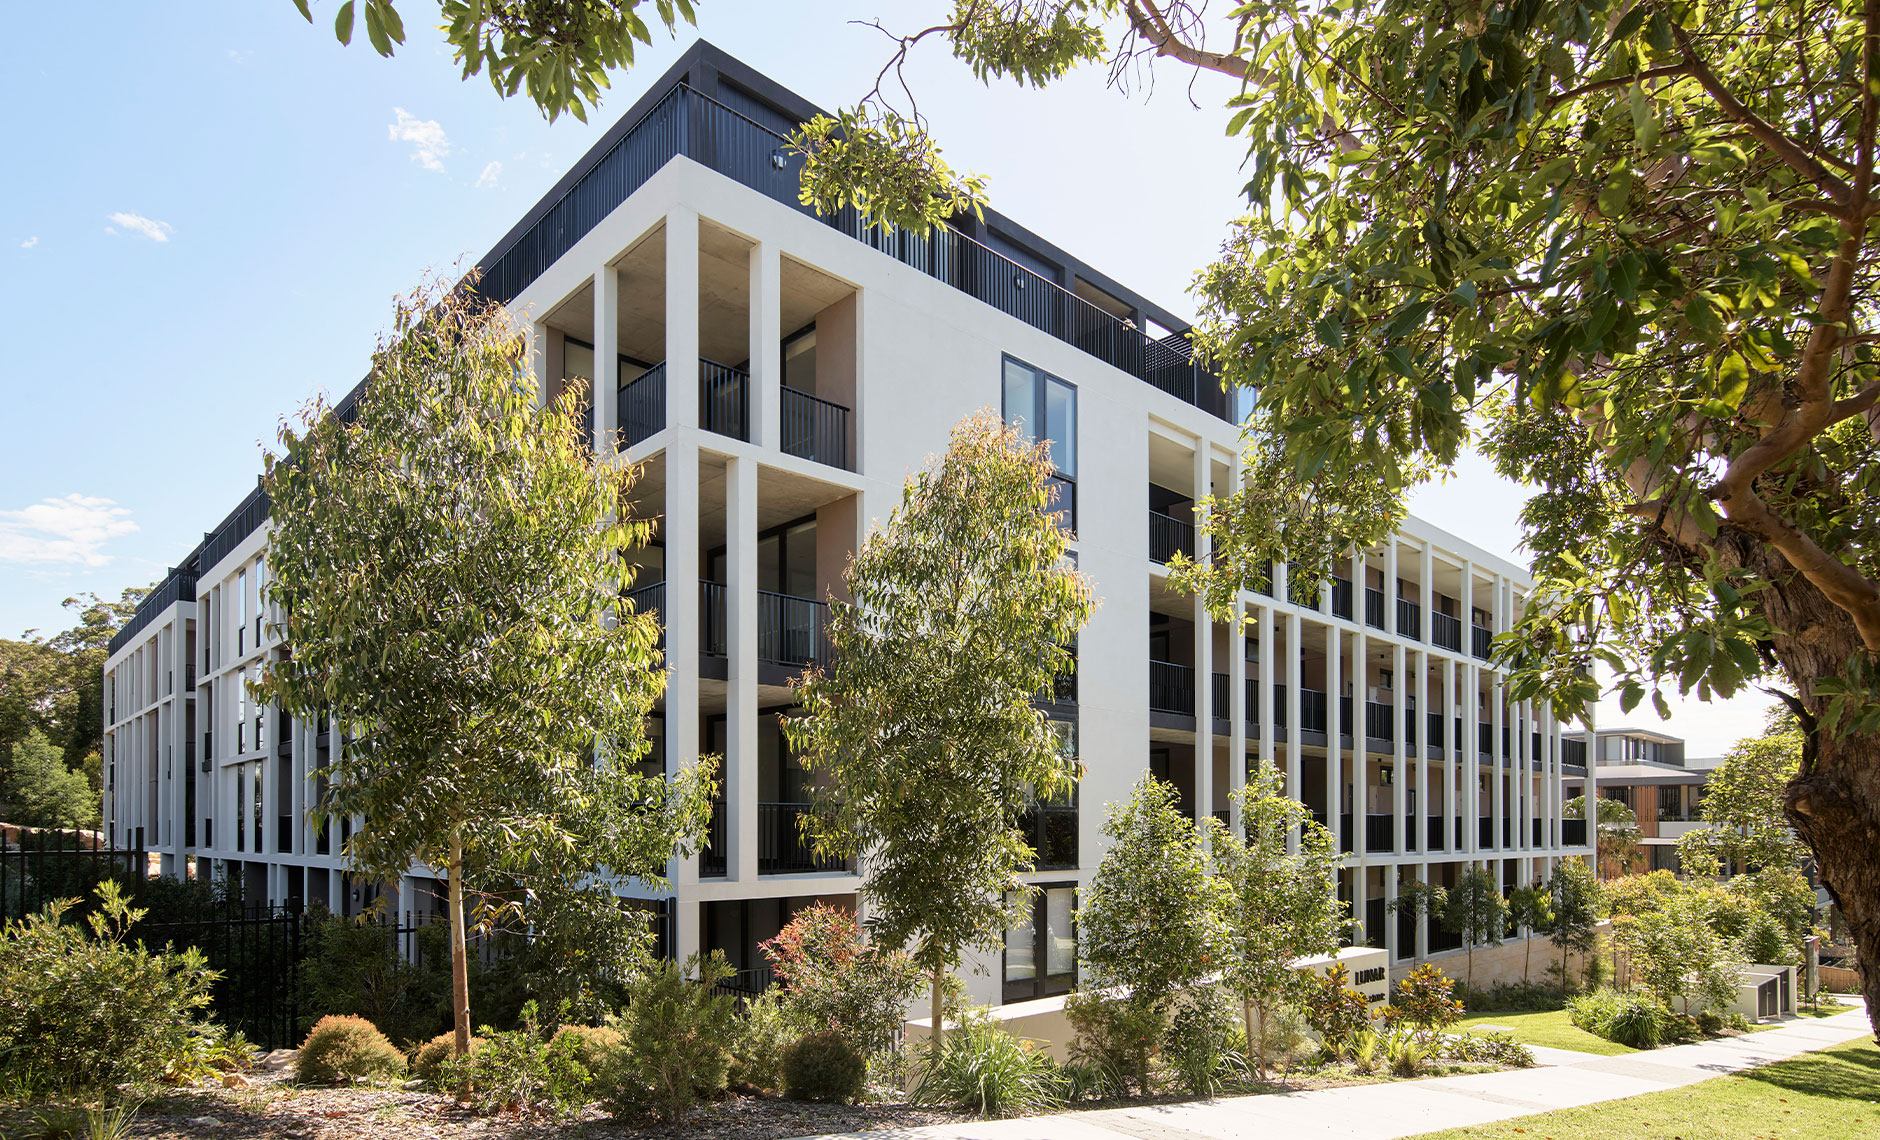 Rothelowman Architecture Jannali, NSW Lunar